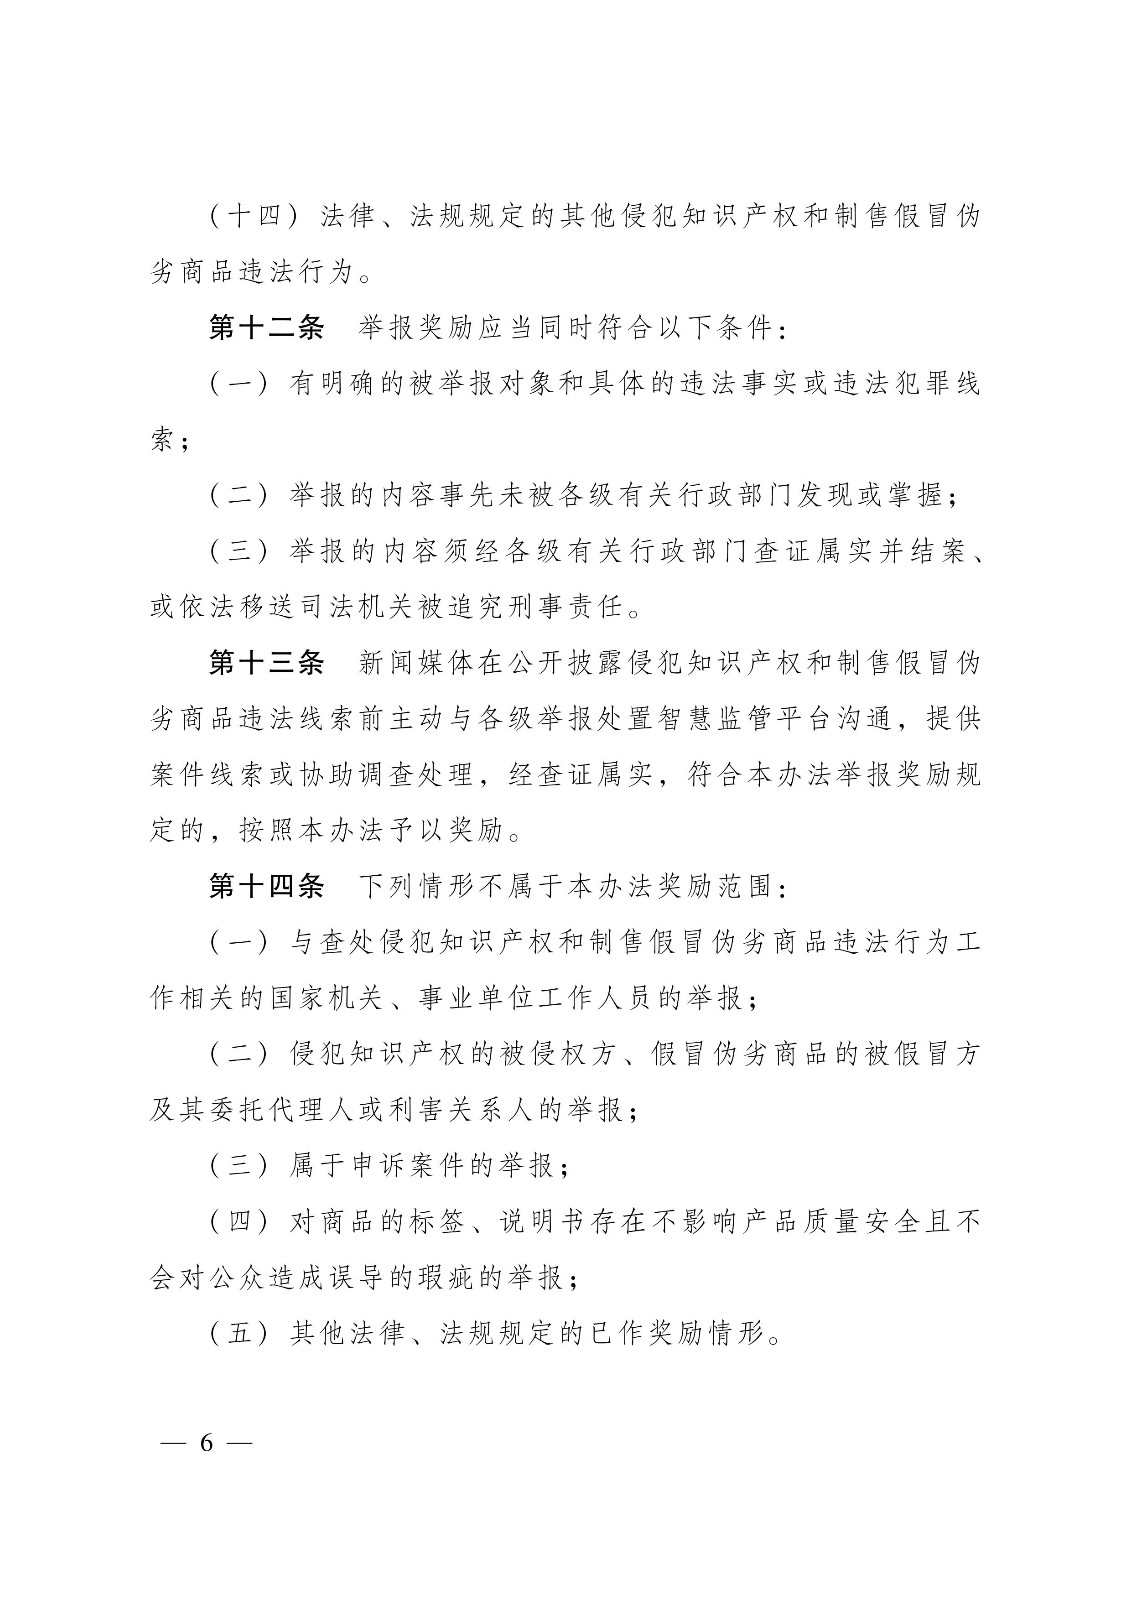 奖励50万元!广东省举报侵犯知识产权违法行为奖励办法(2019.7.1起施行)